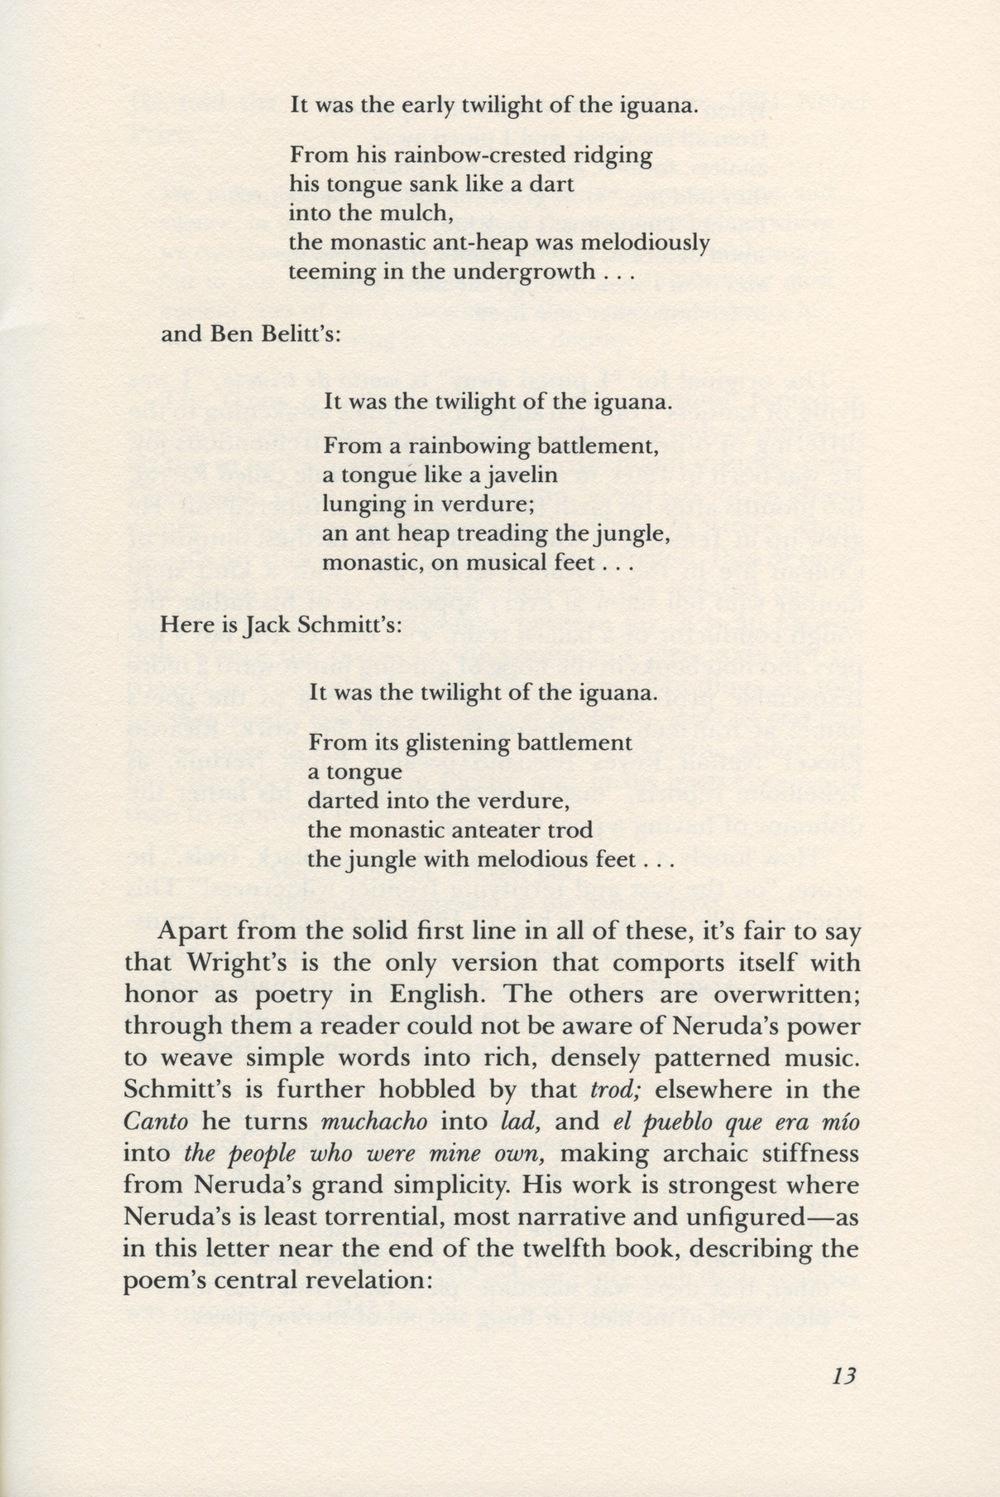 Neruda essay 7.jpeg